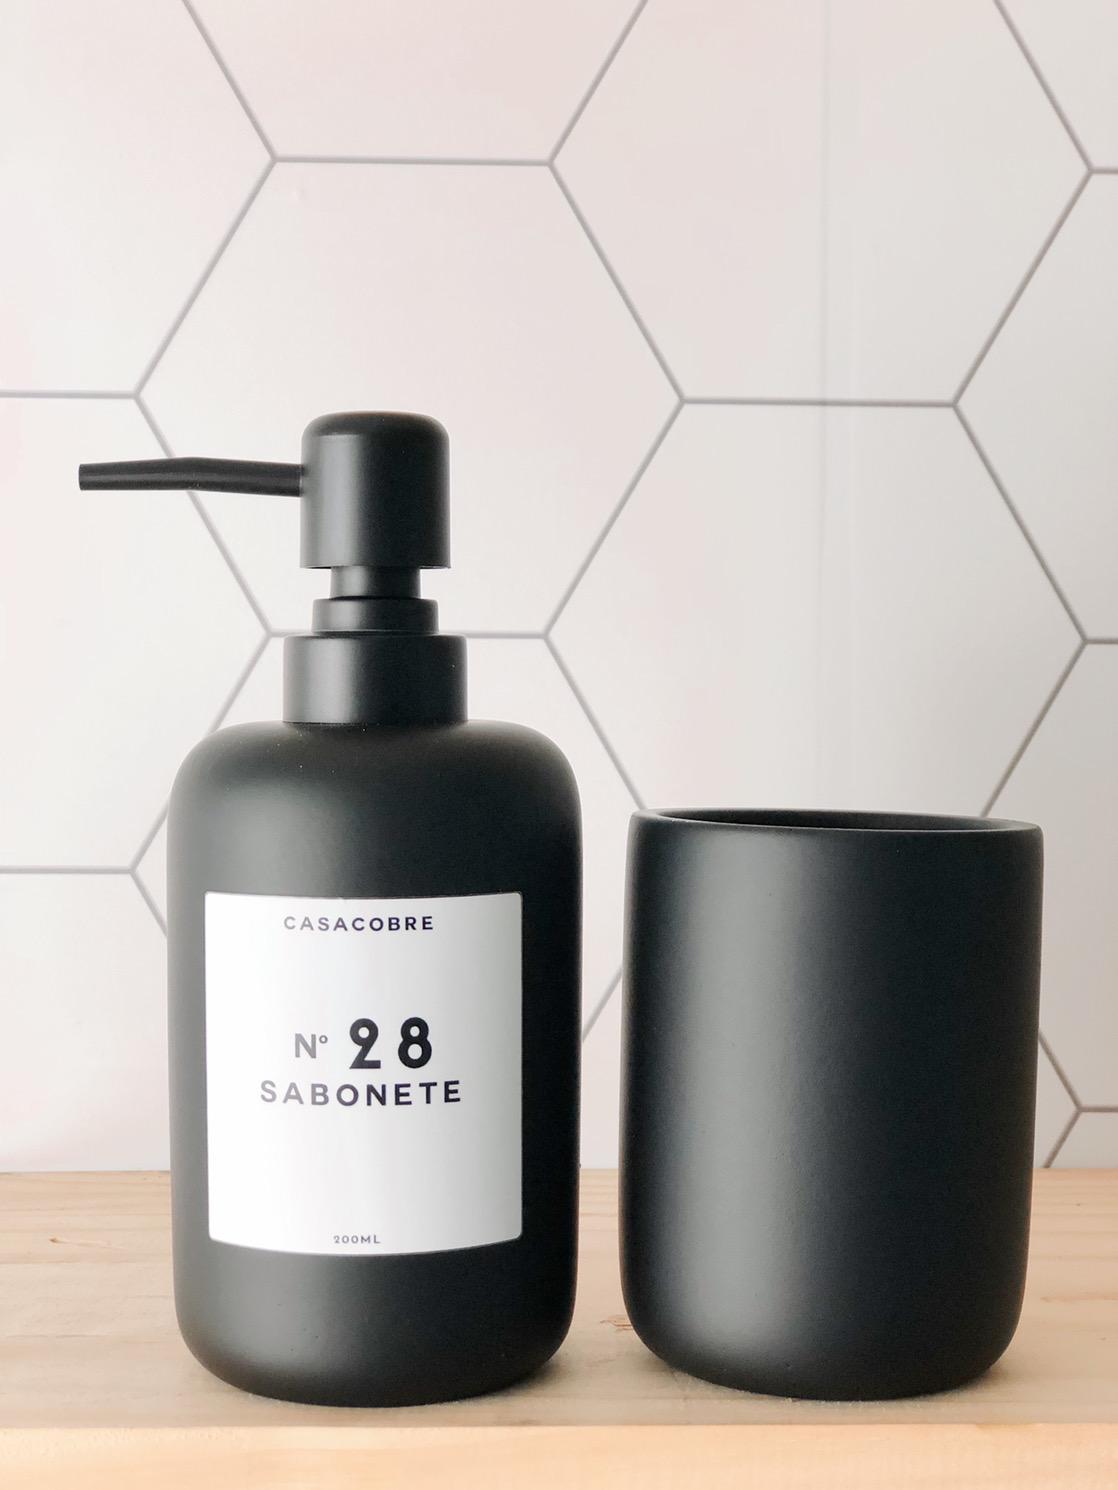 Porta Sabonete Líquido + Copo em Cimento - 2 Peças  - CASACOBRE